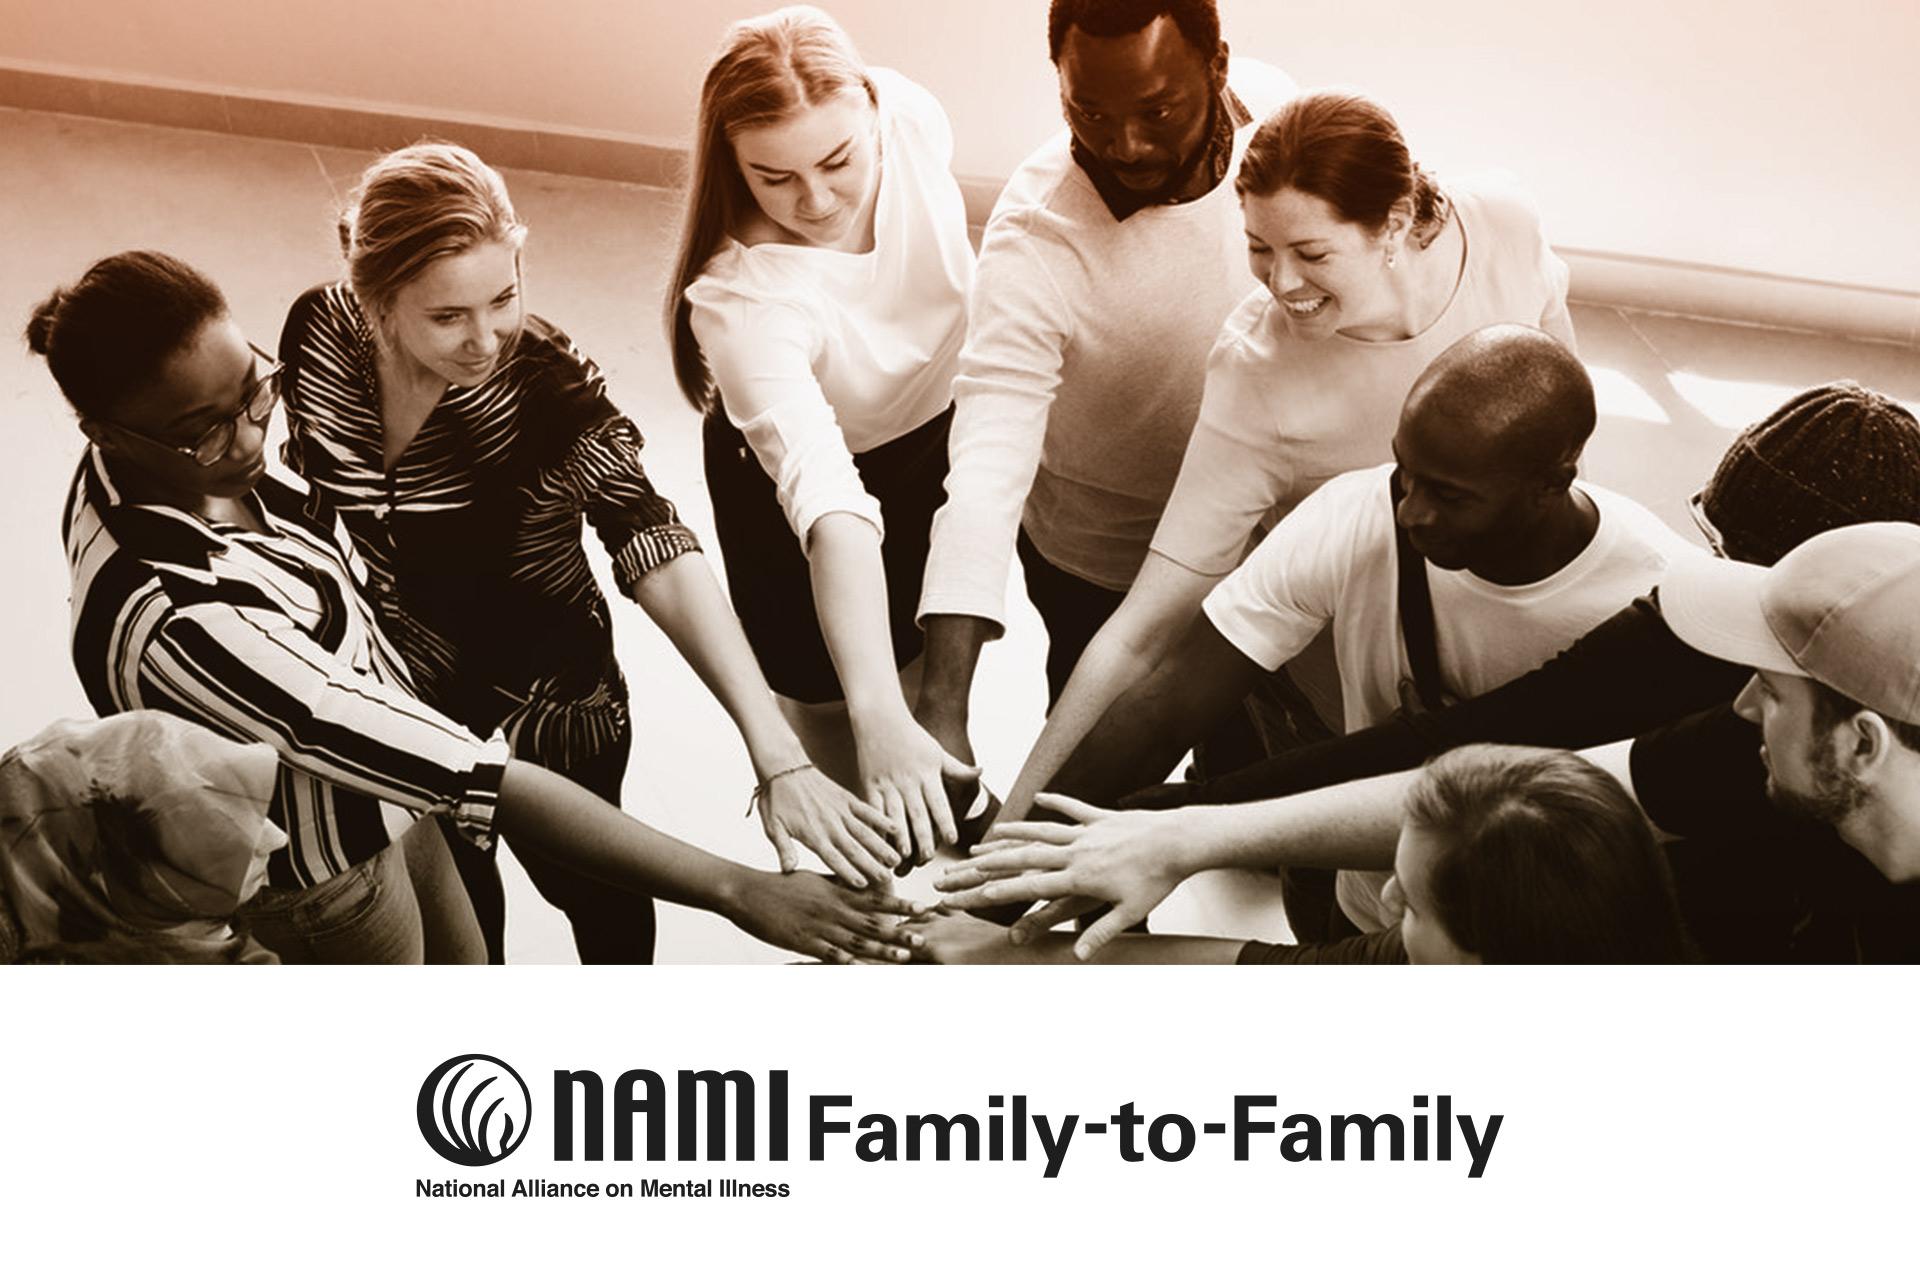 FAMILY TO FAMILY NAMI